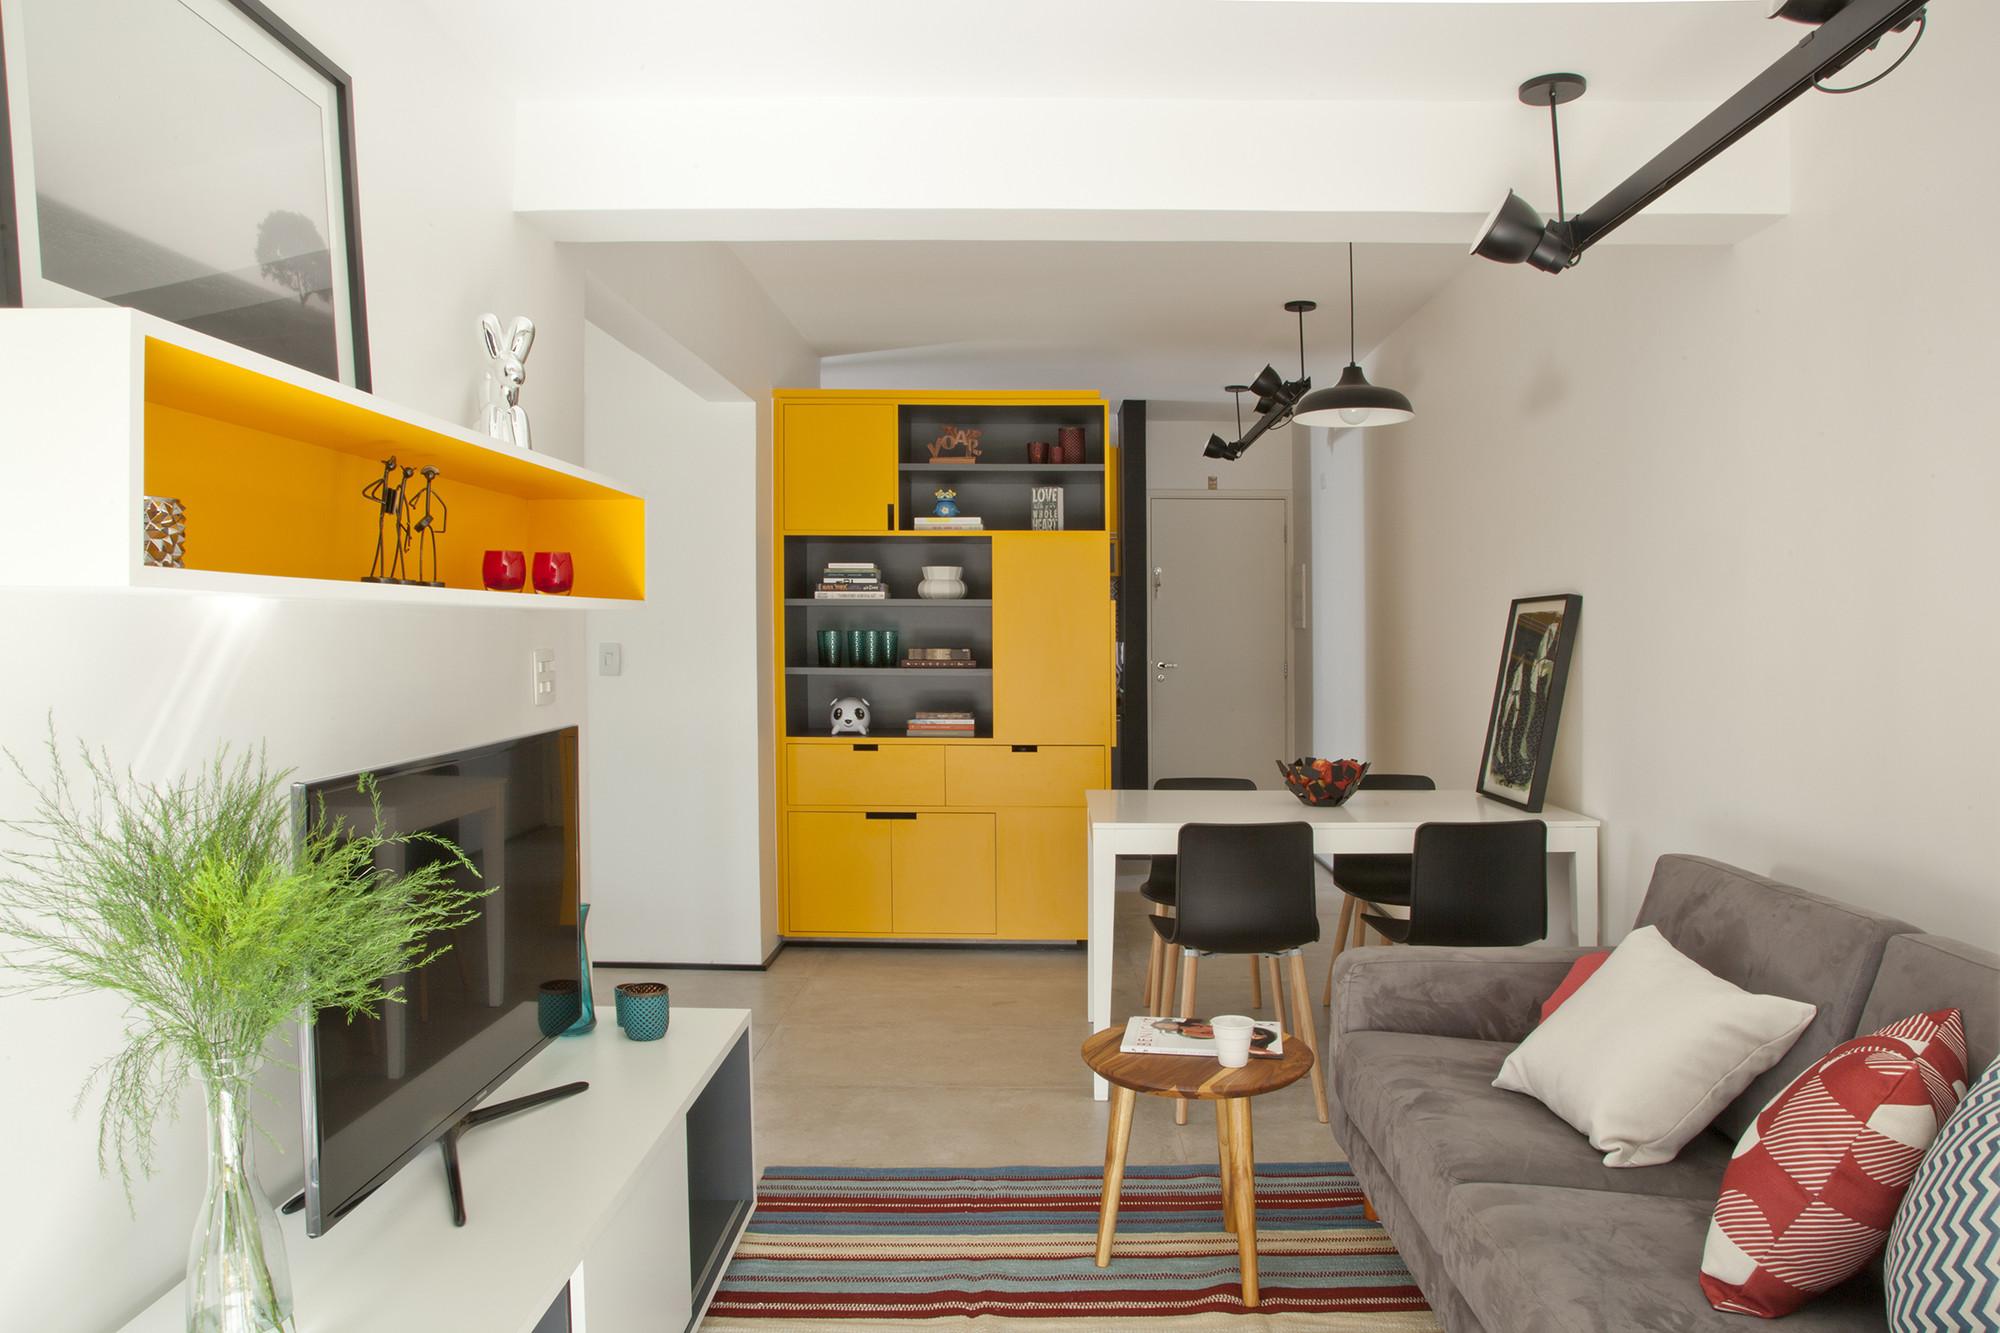 Reforma do apartamento Reserva Saúde / Stuchi & Leite Projetos, © Luis Gomes